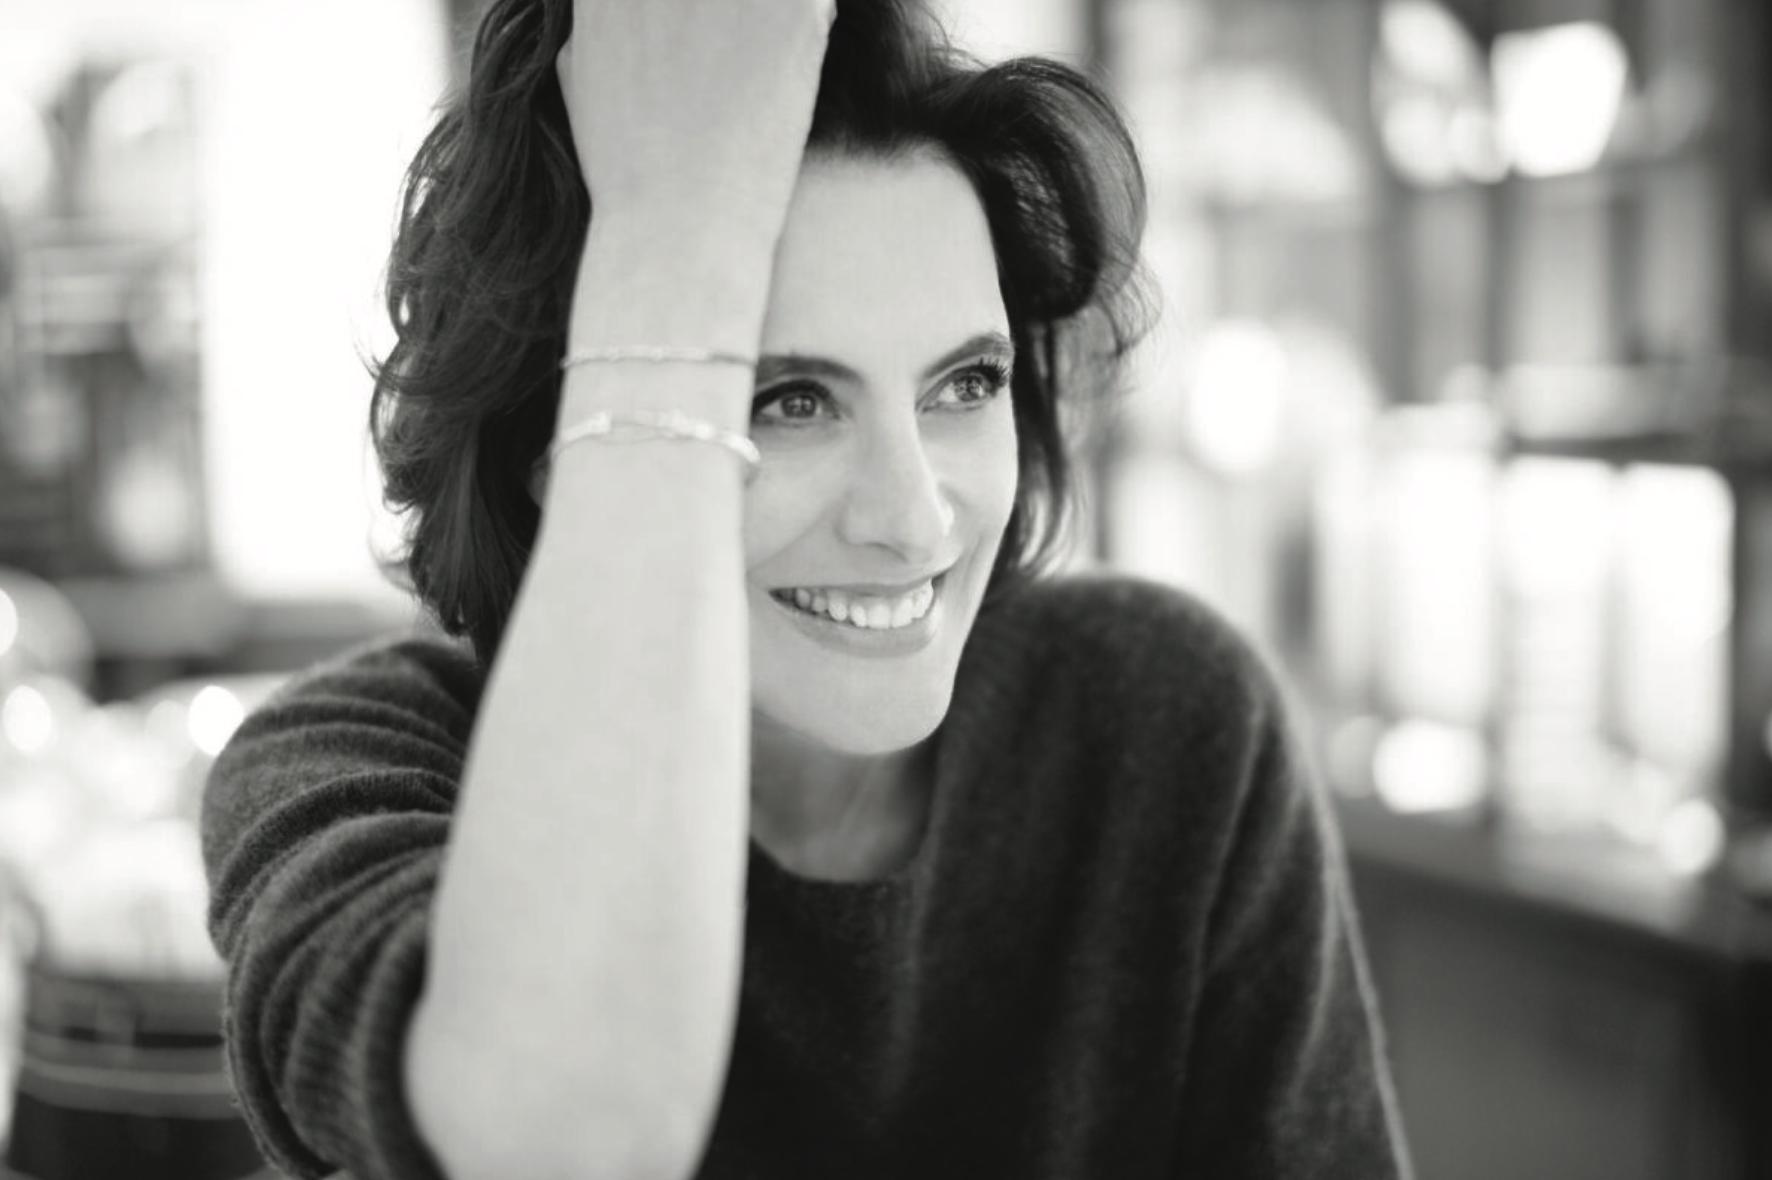 法国时尚界的标志性人物 Ines de la Fressange 如何让同名品牌 IDLF 重焕生机丨《华丽志》独家专访